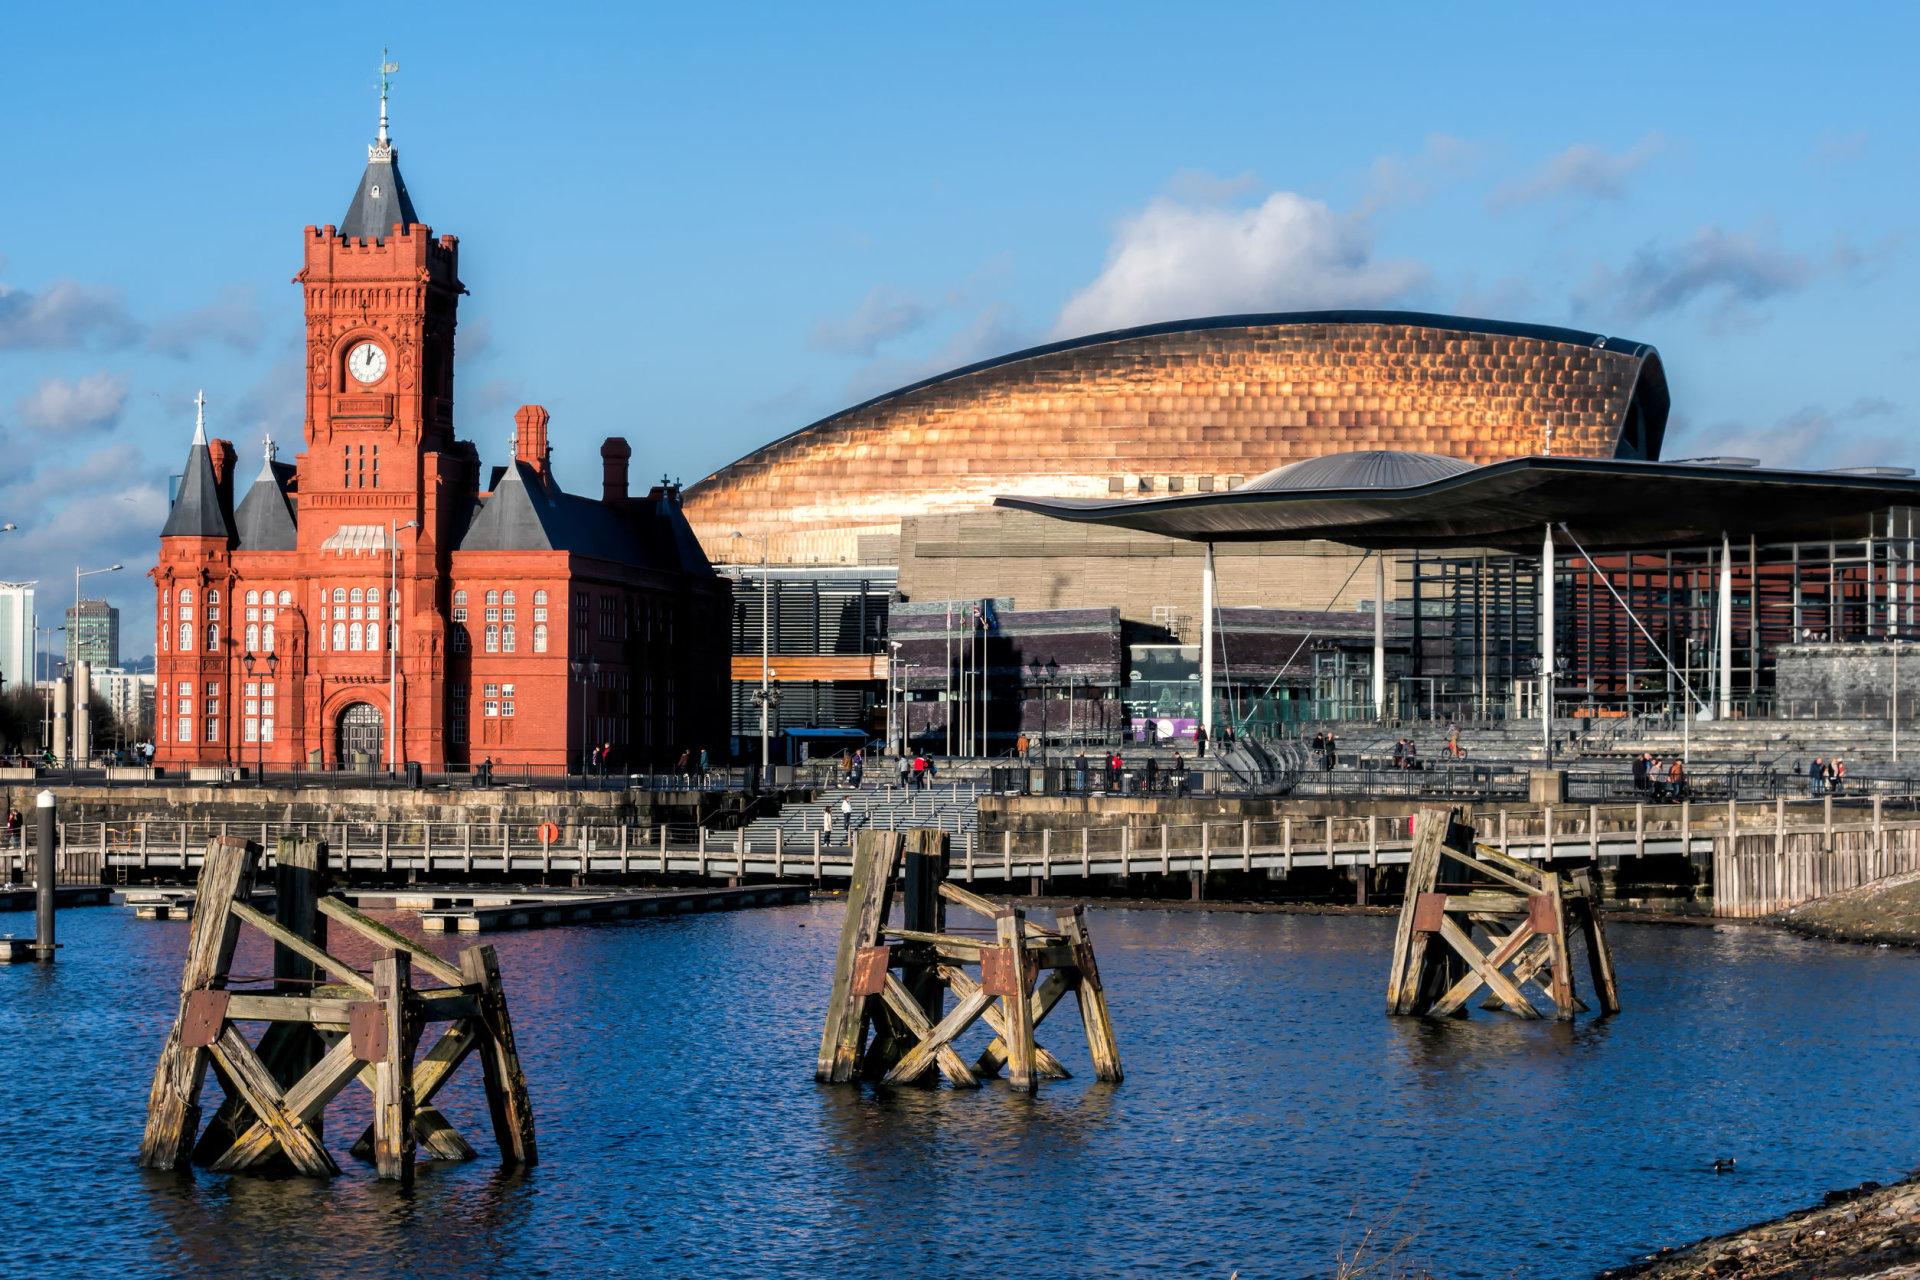 nacionalinis lieknėjimo centras, Cardiff